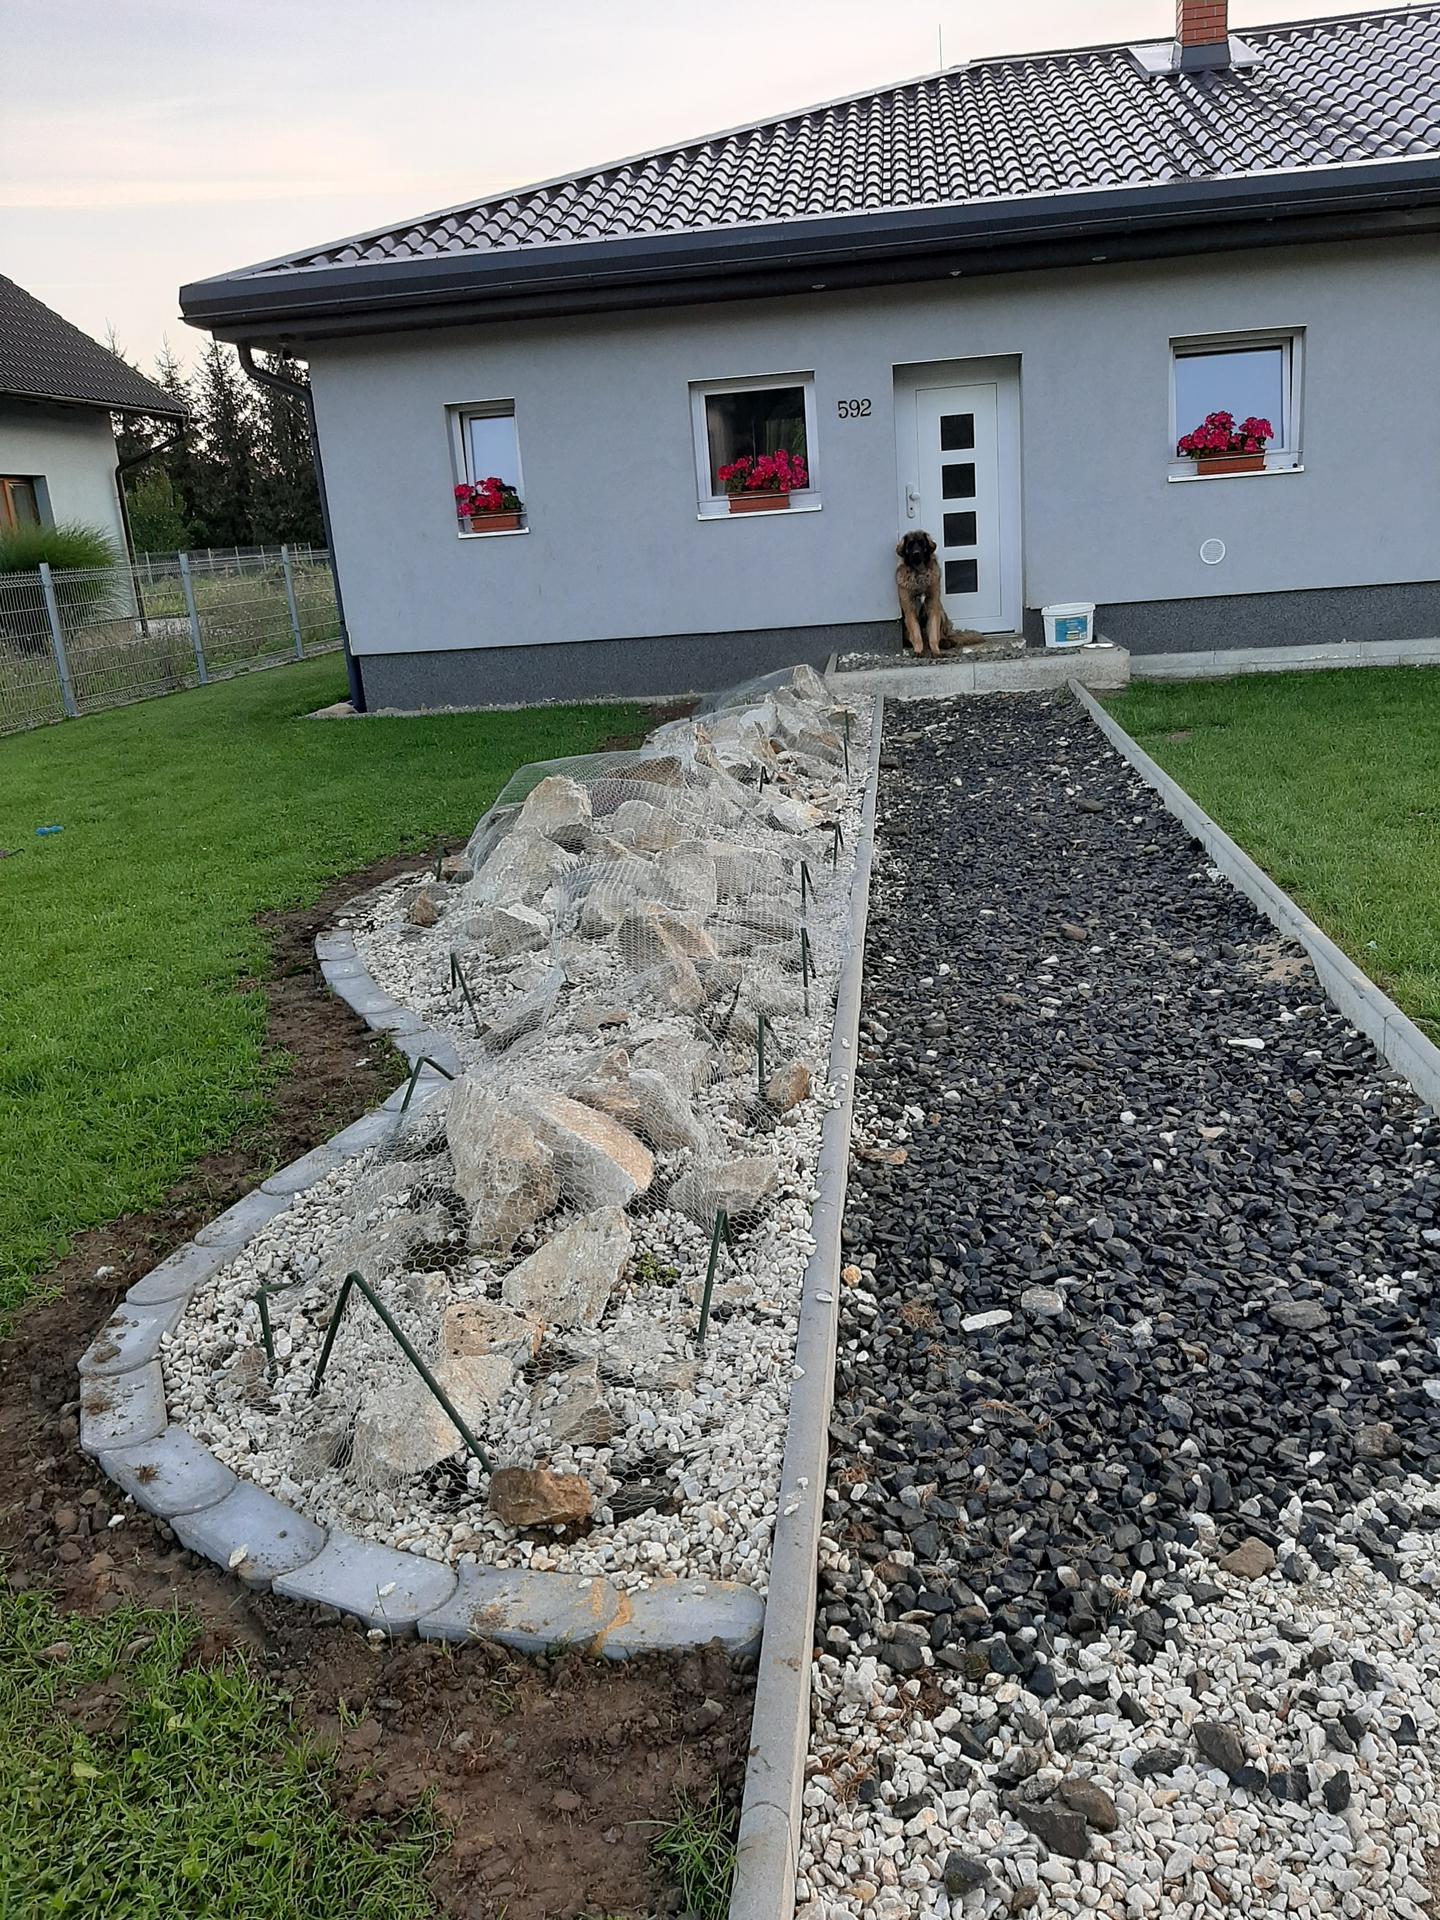 Stavba a destrukce mé skalky - Tak jsem naposledy opravila, zasadila už jen něco, zbytek na jaře a dala jsem přes to dočasně pletivo. Vypadá to blbě, ale pes už od včera se toho ani nedotknul :-)